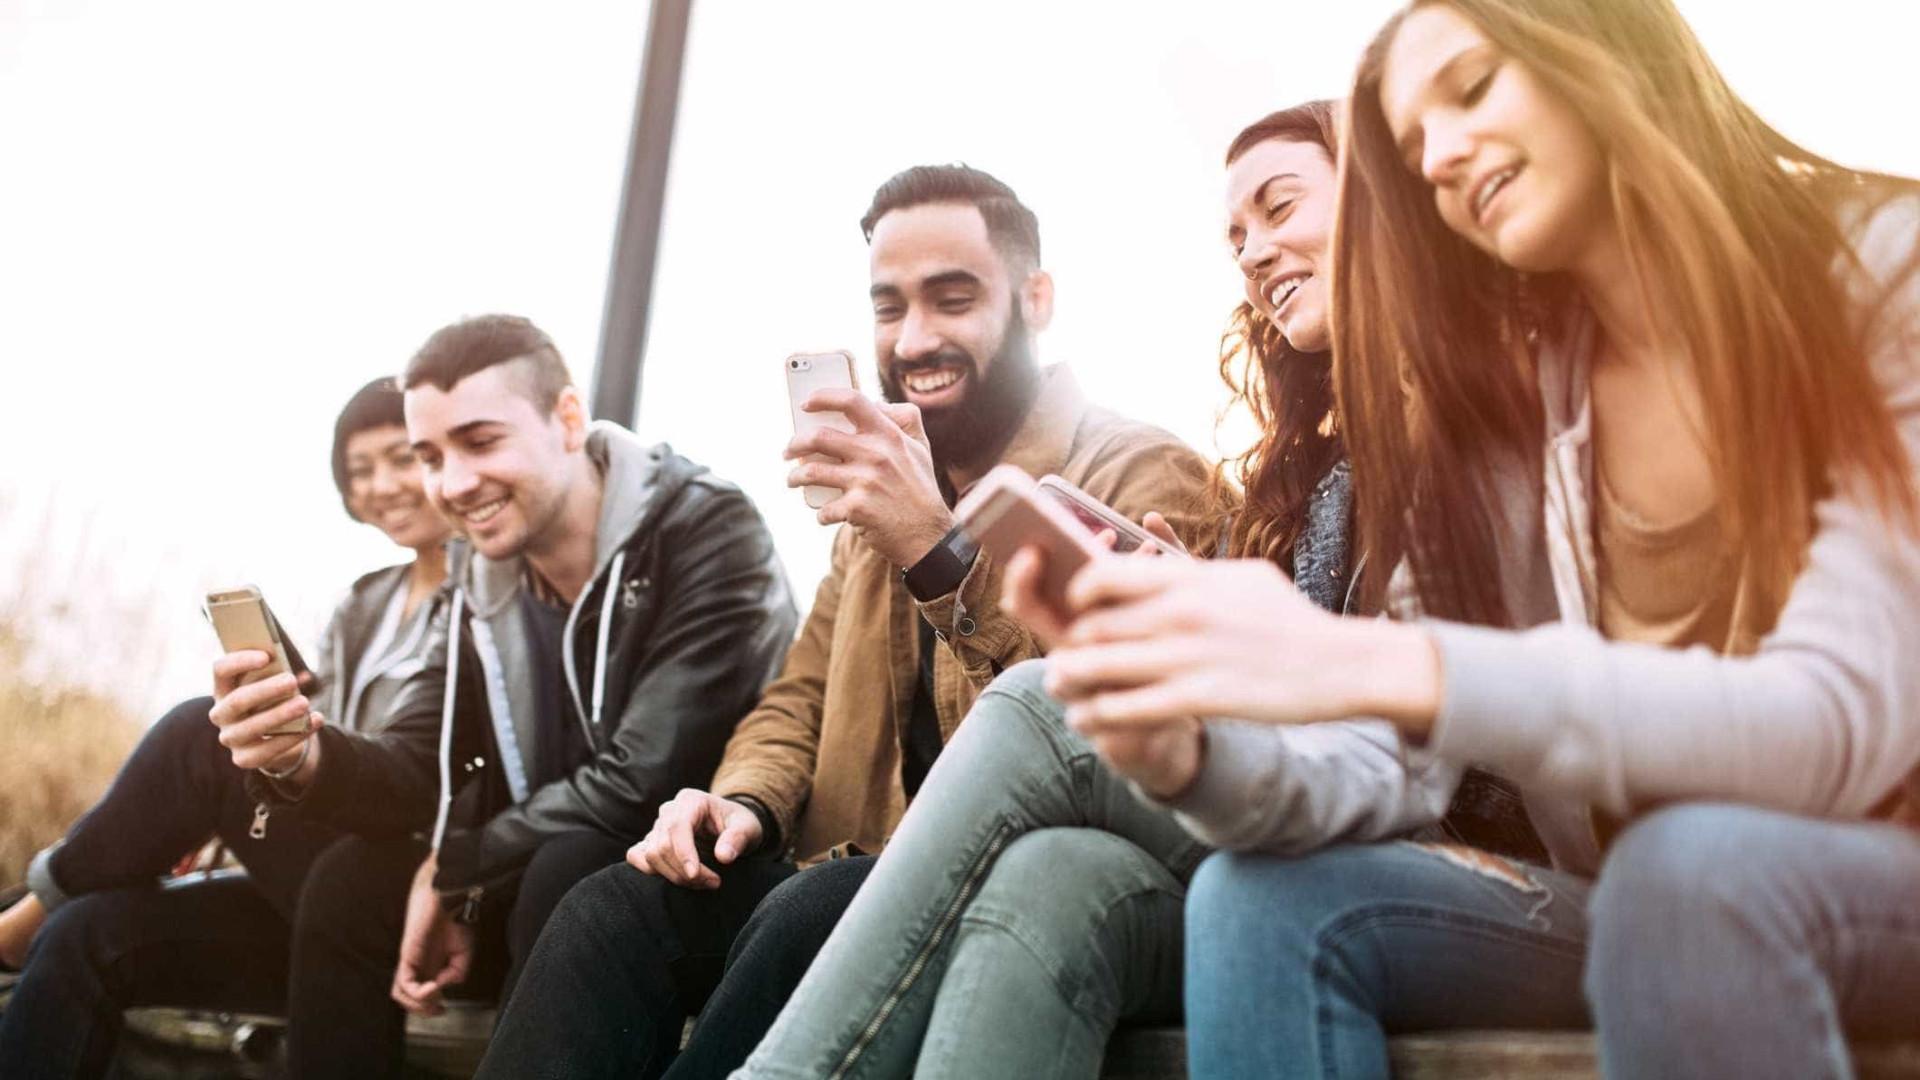 Atenção, jovens: agora a adolescência dura até os 24 anos